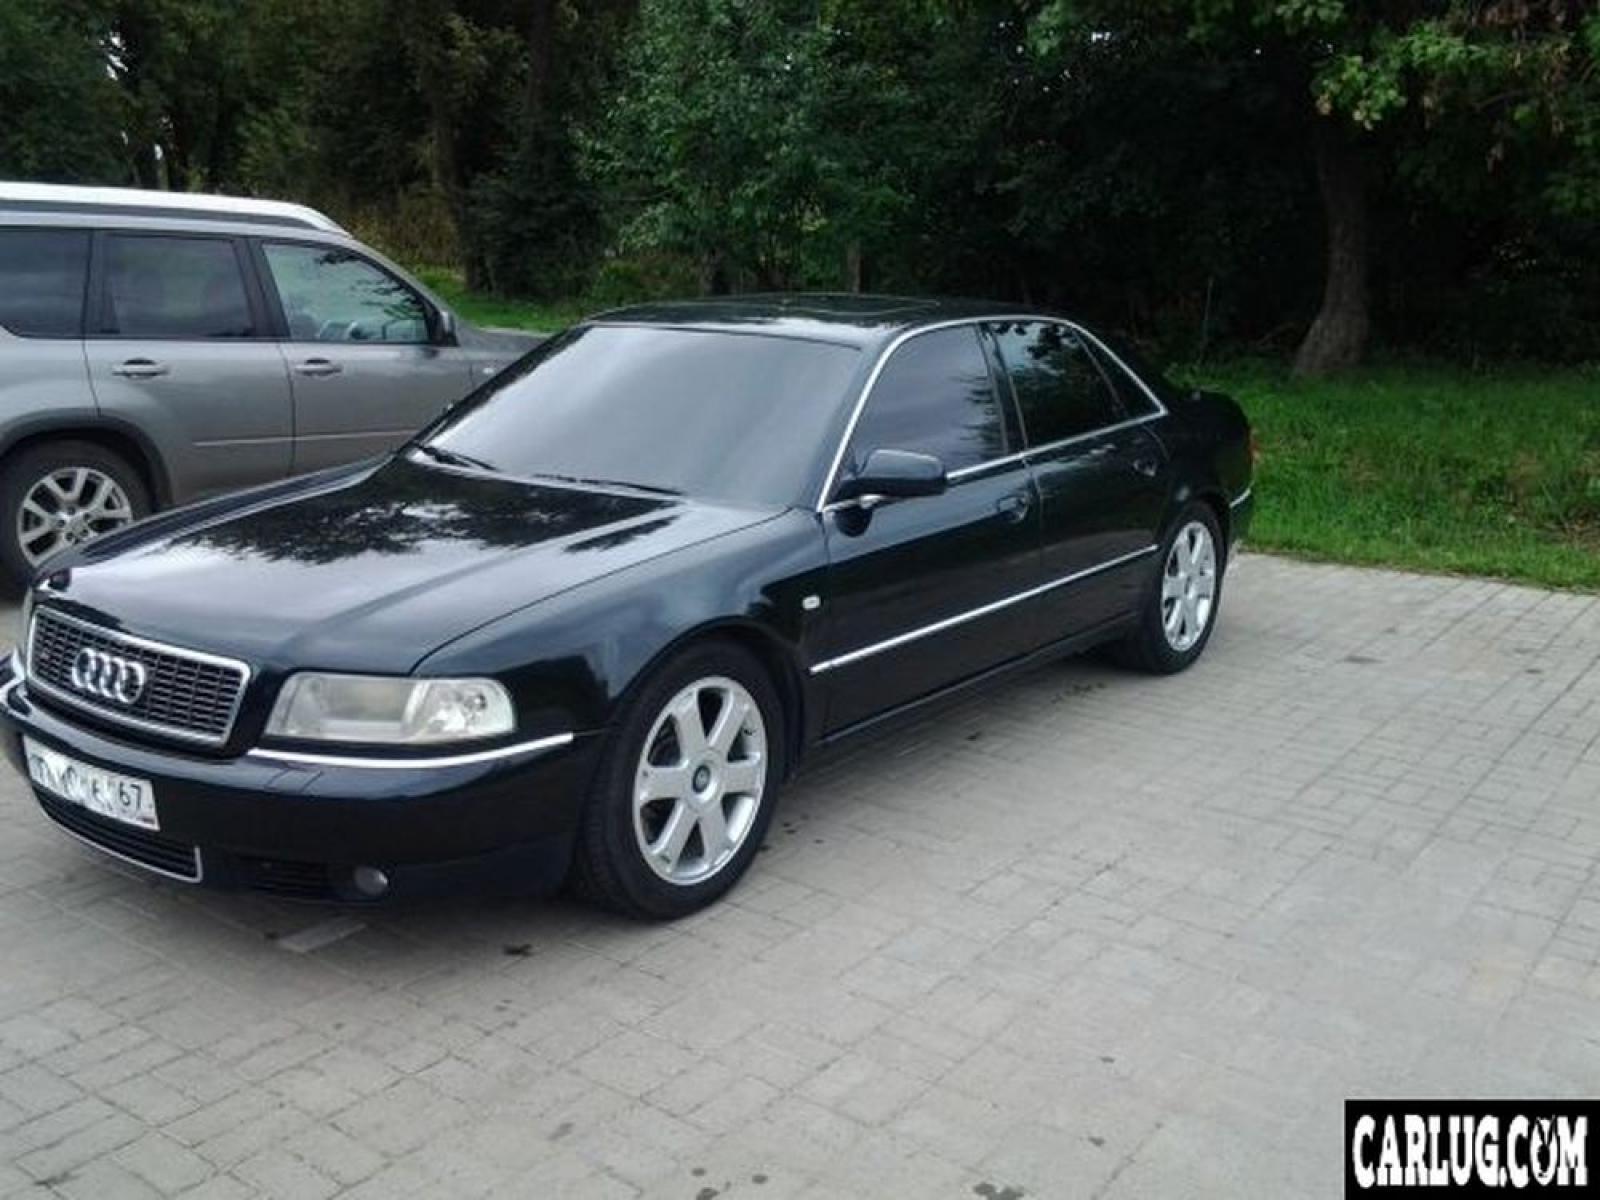 Kelebihan Kekurangan Audi A8 2001 Perbandingan Harga